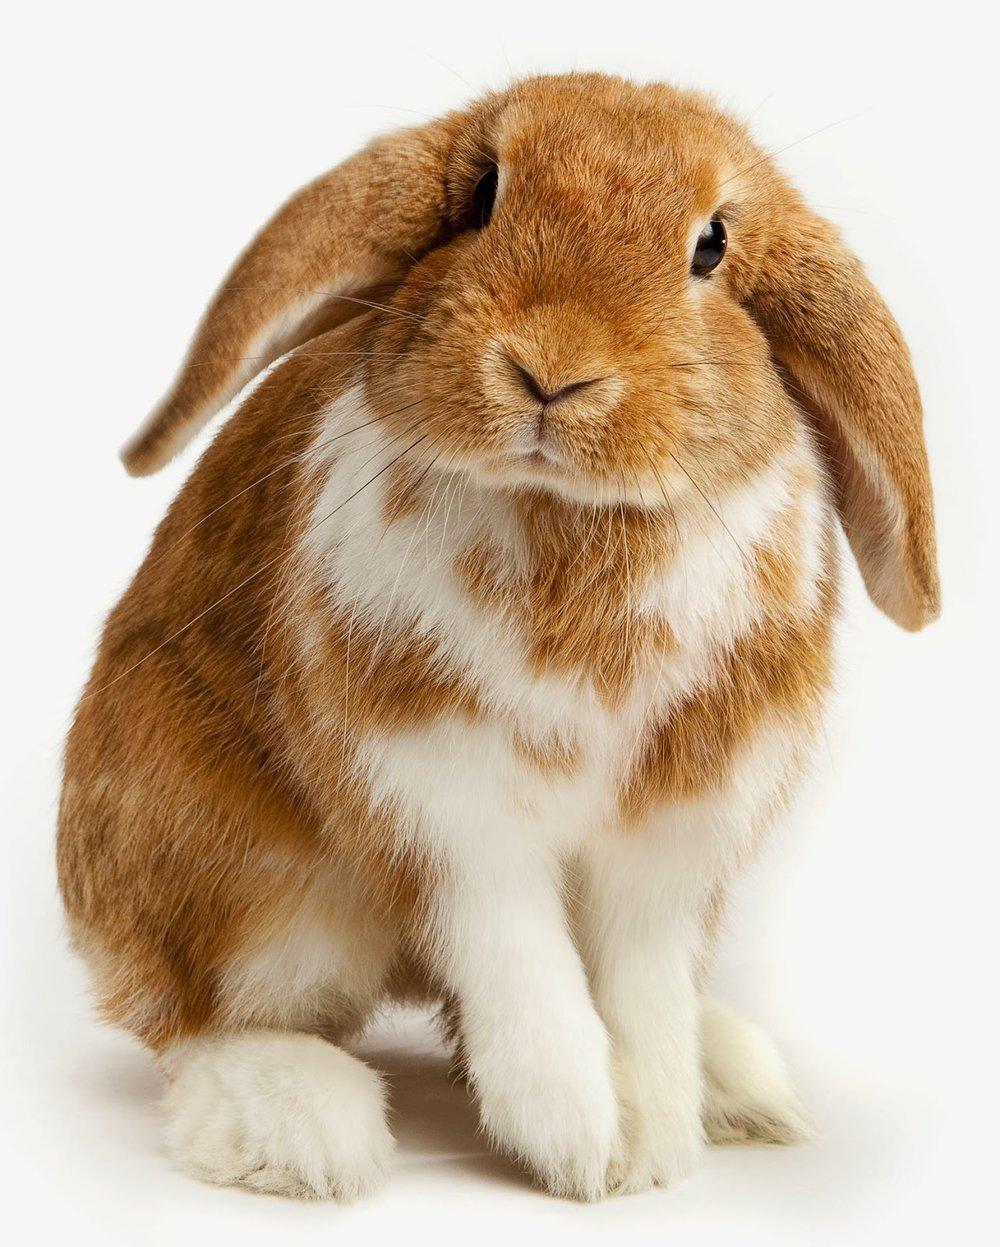 Lop-Eared-Pet-Rabbit5.jpg